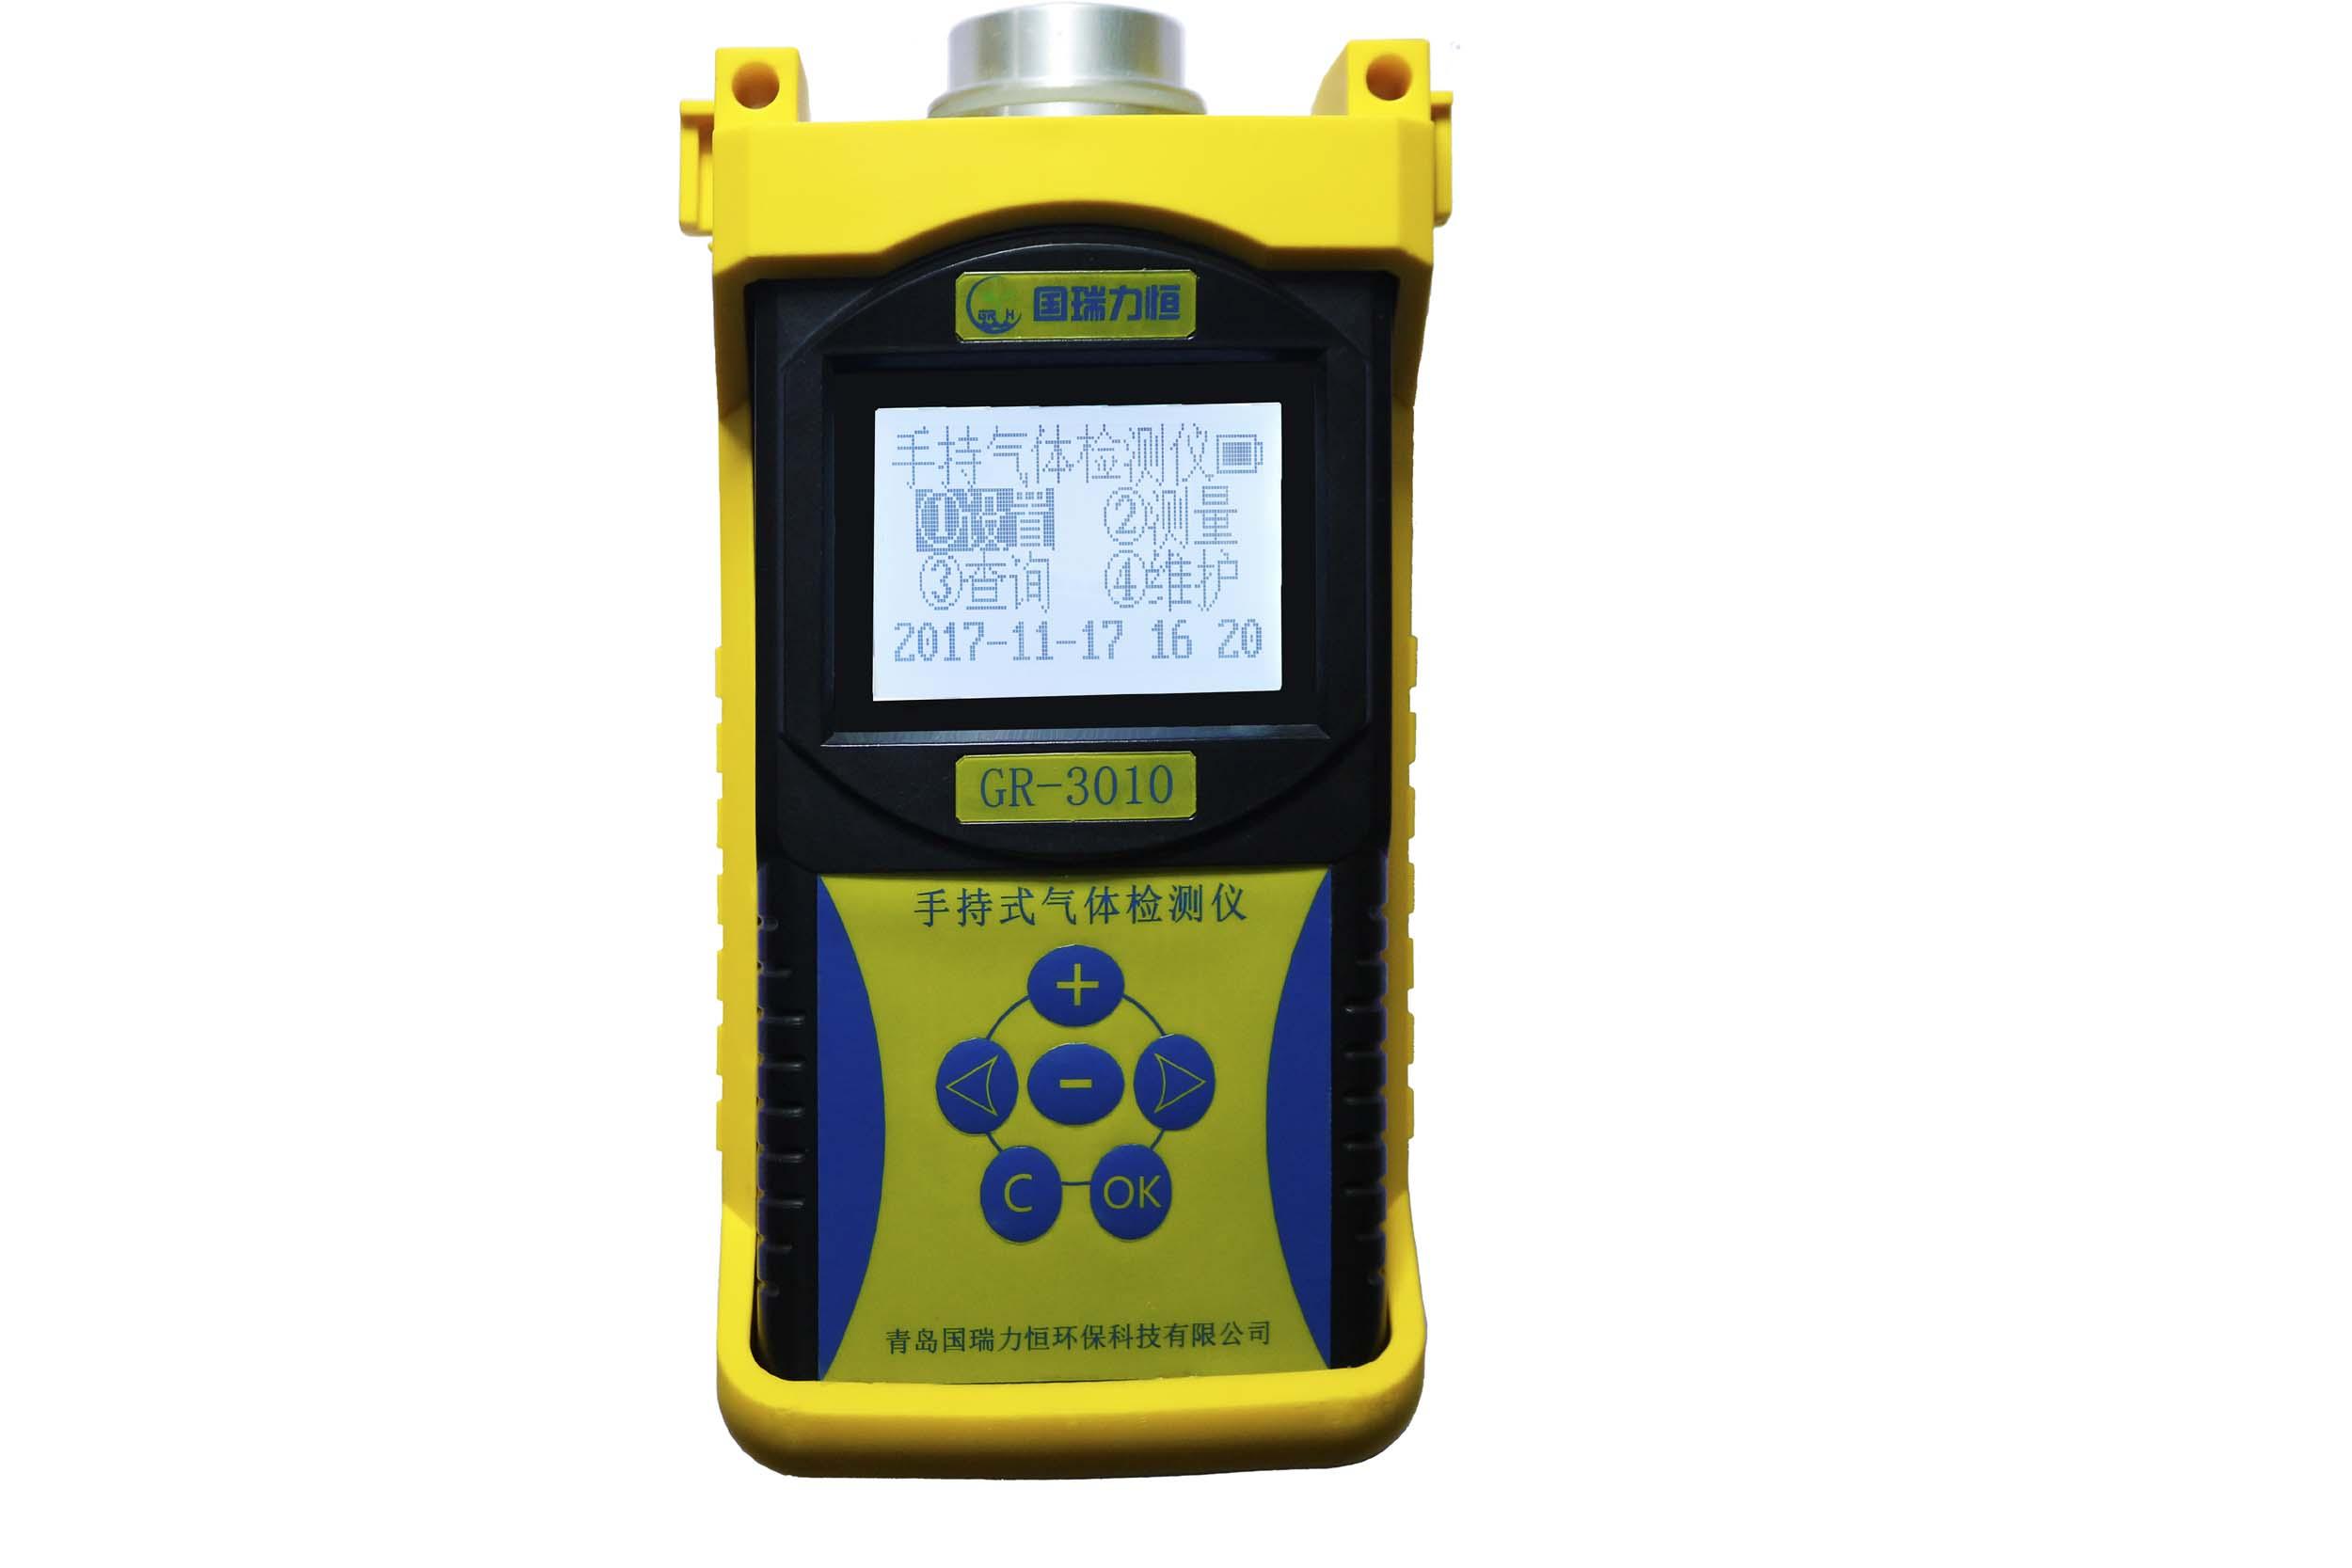 國瑞-3010手持式氣體檢測儀(應急監測)